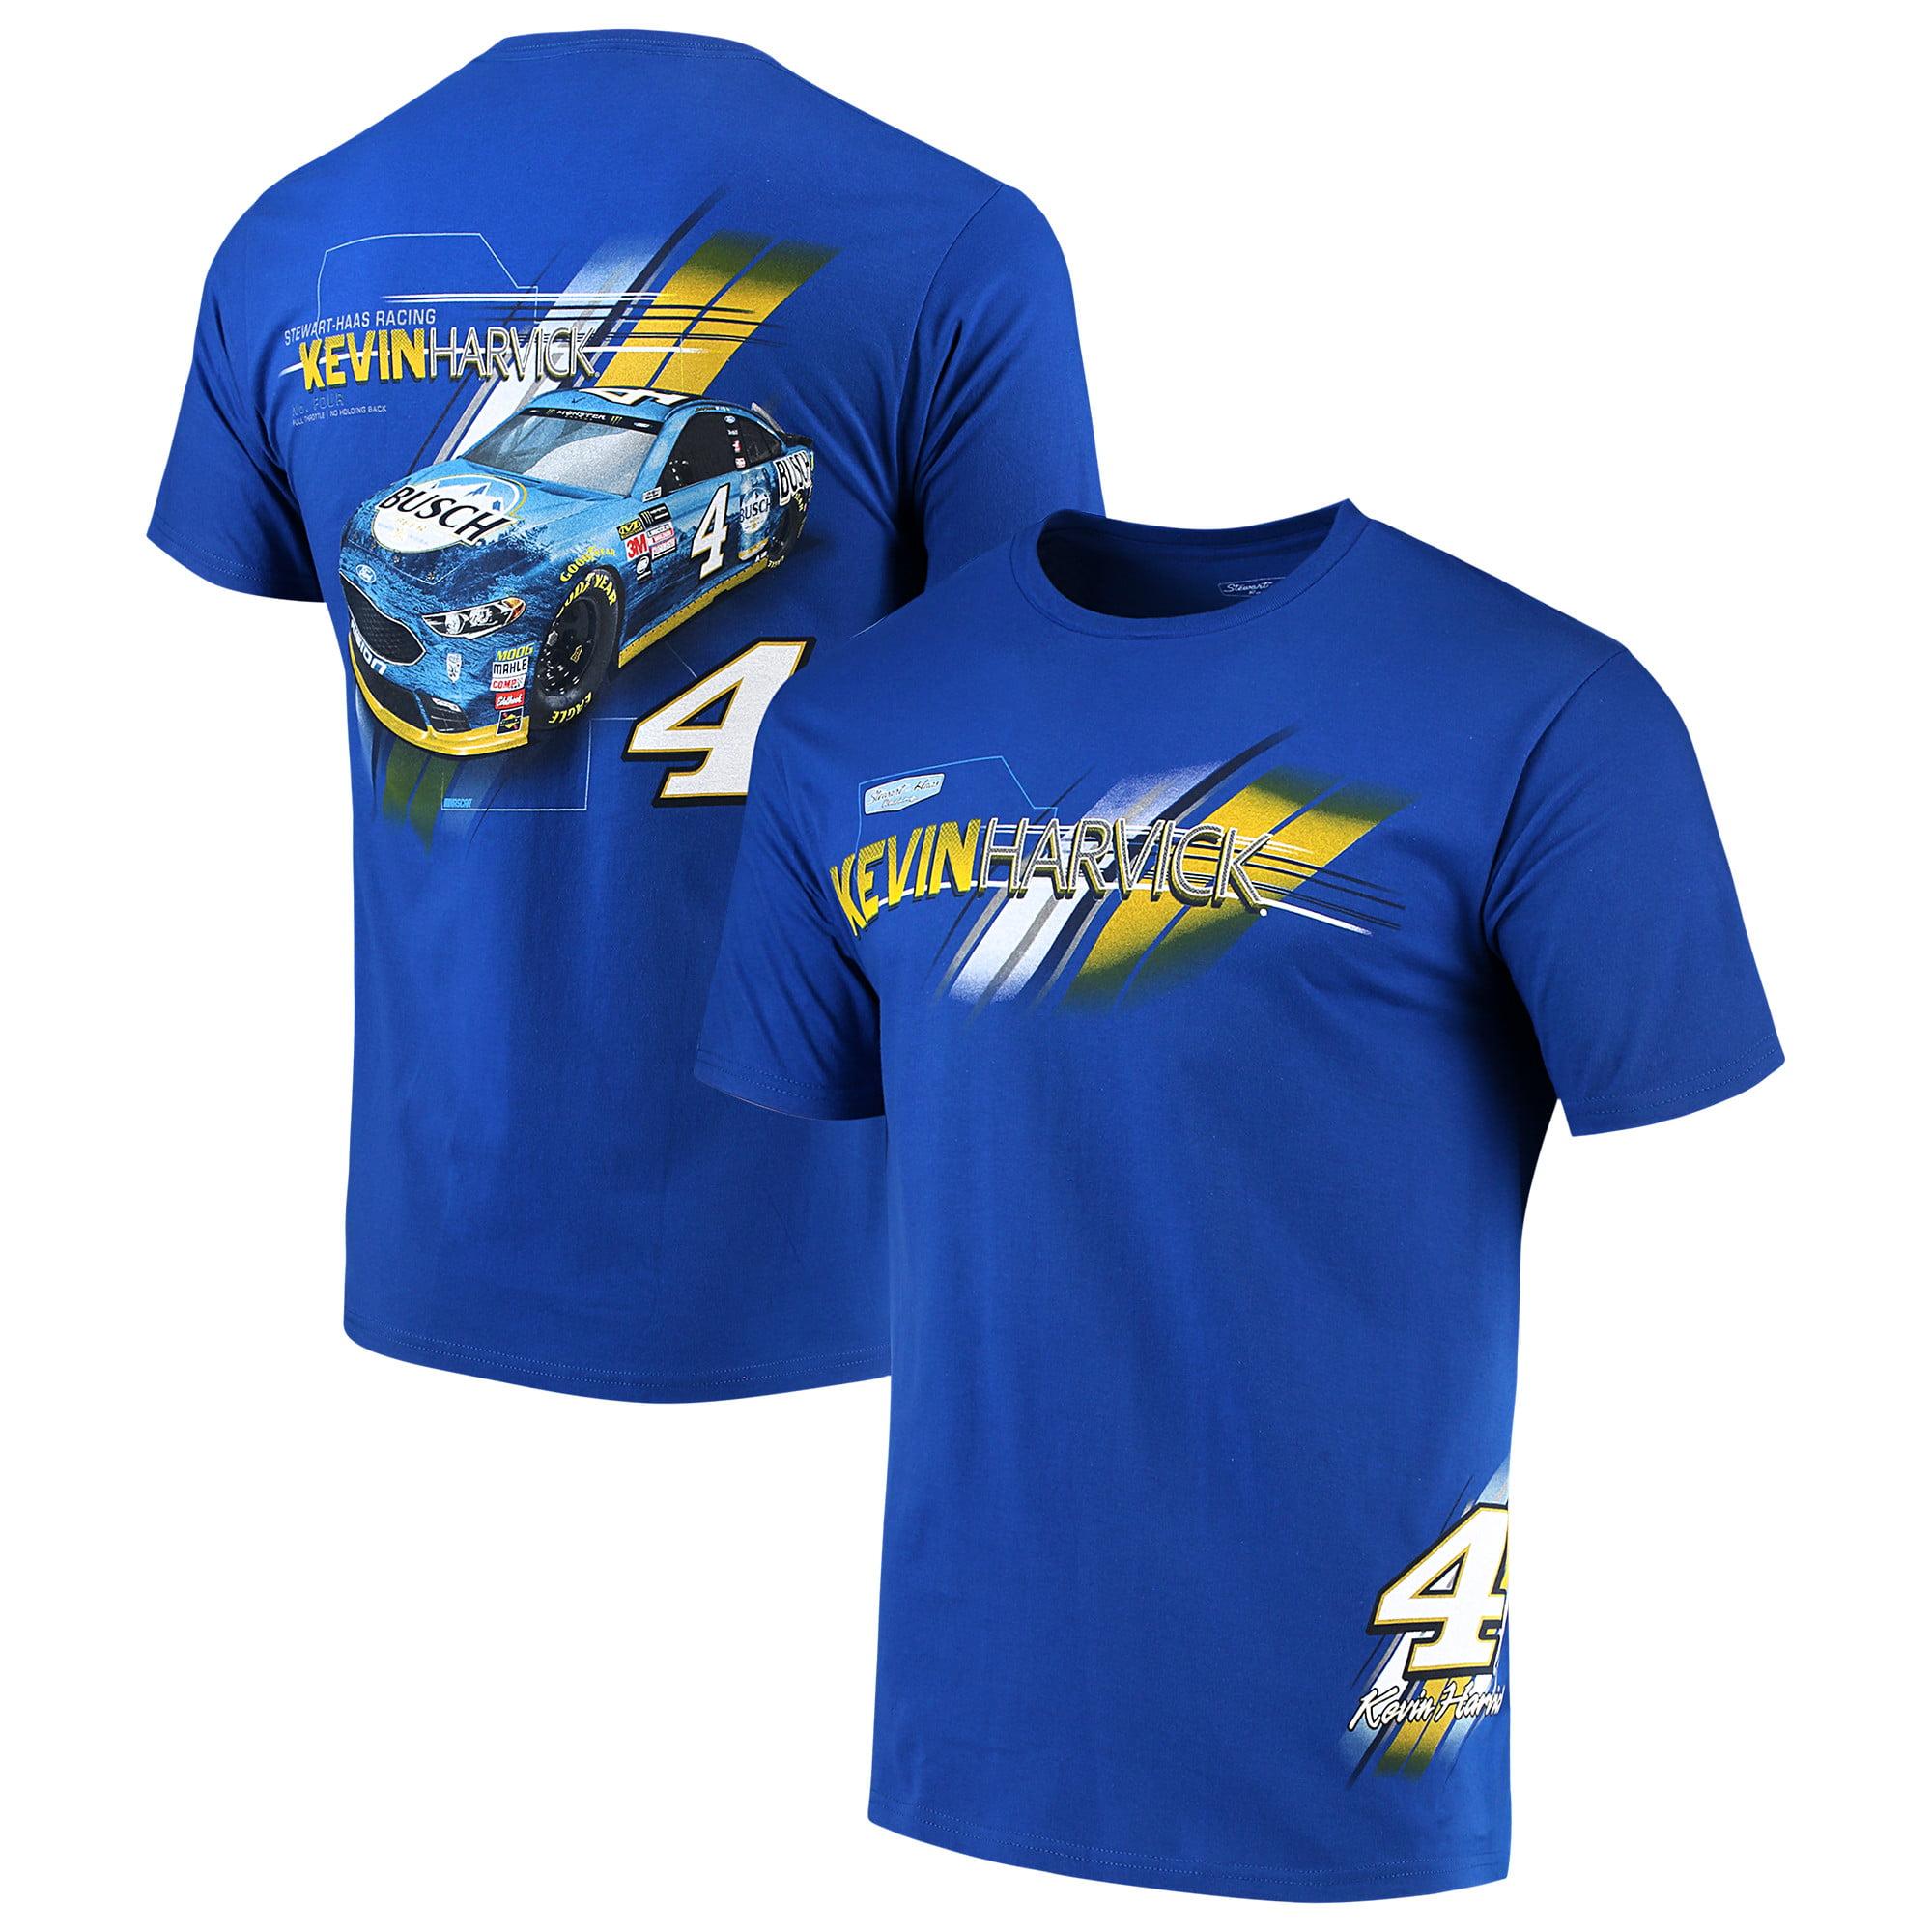 Kevin Harvick Full Throttle T-Shirt - Royal